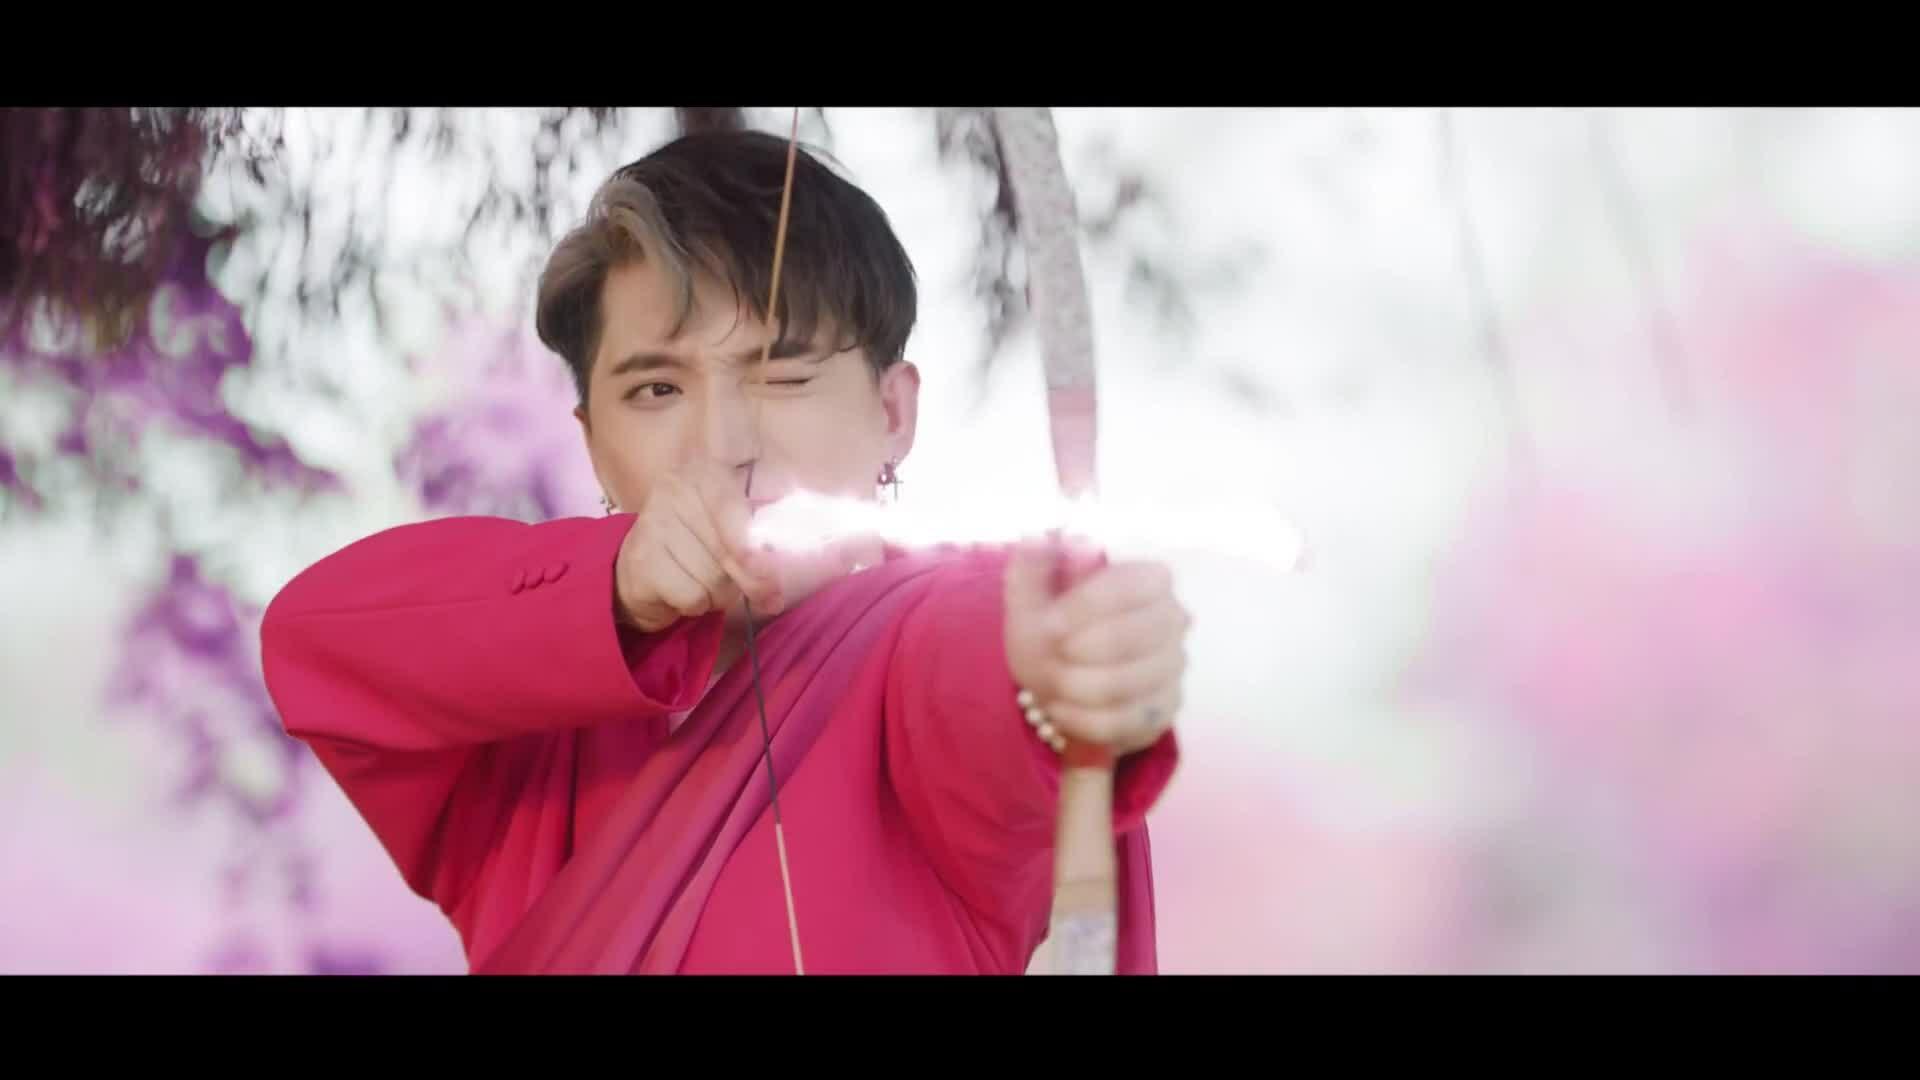 Châu Đăng Khoa ca hát vì thấy 'có lỗi với bản thân'